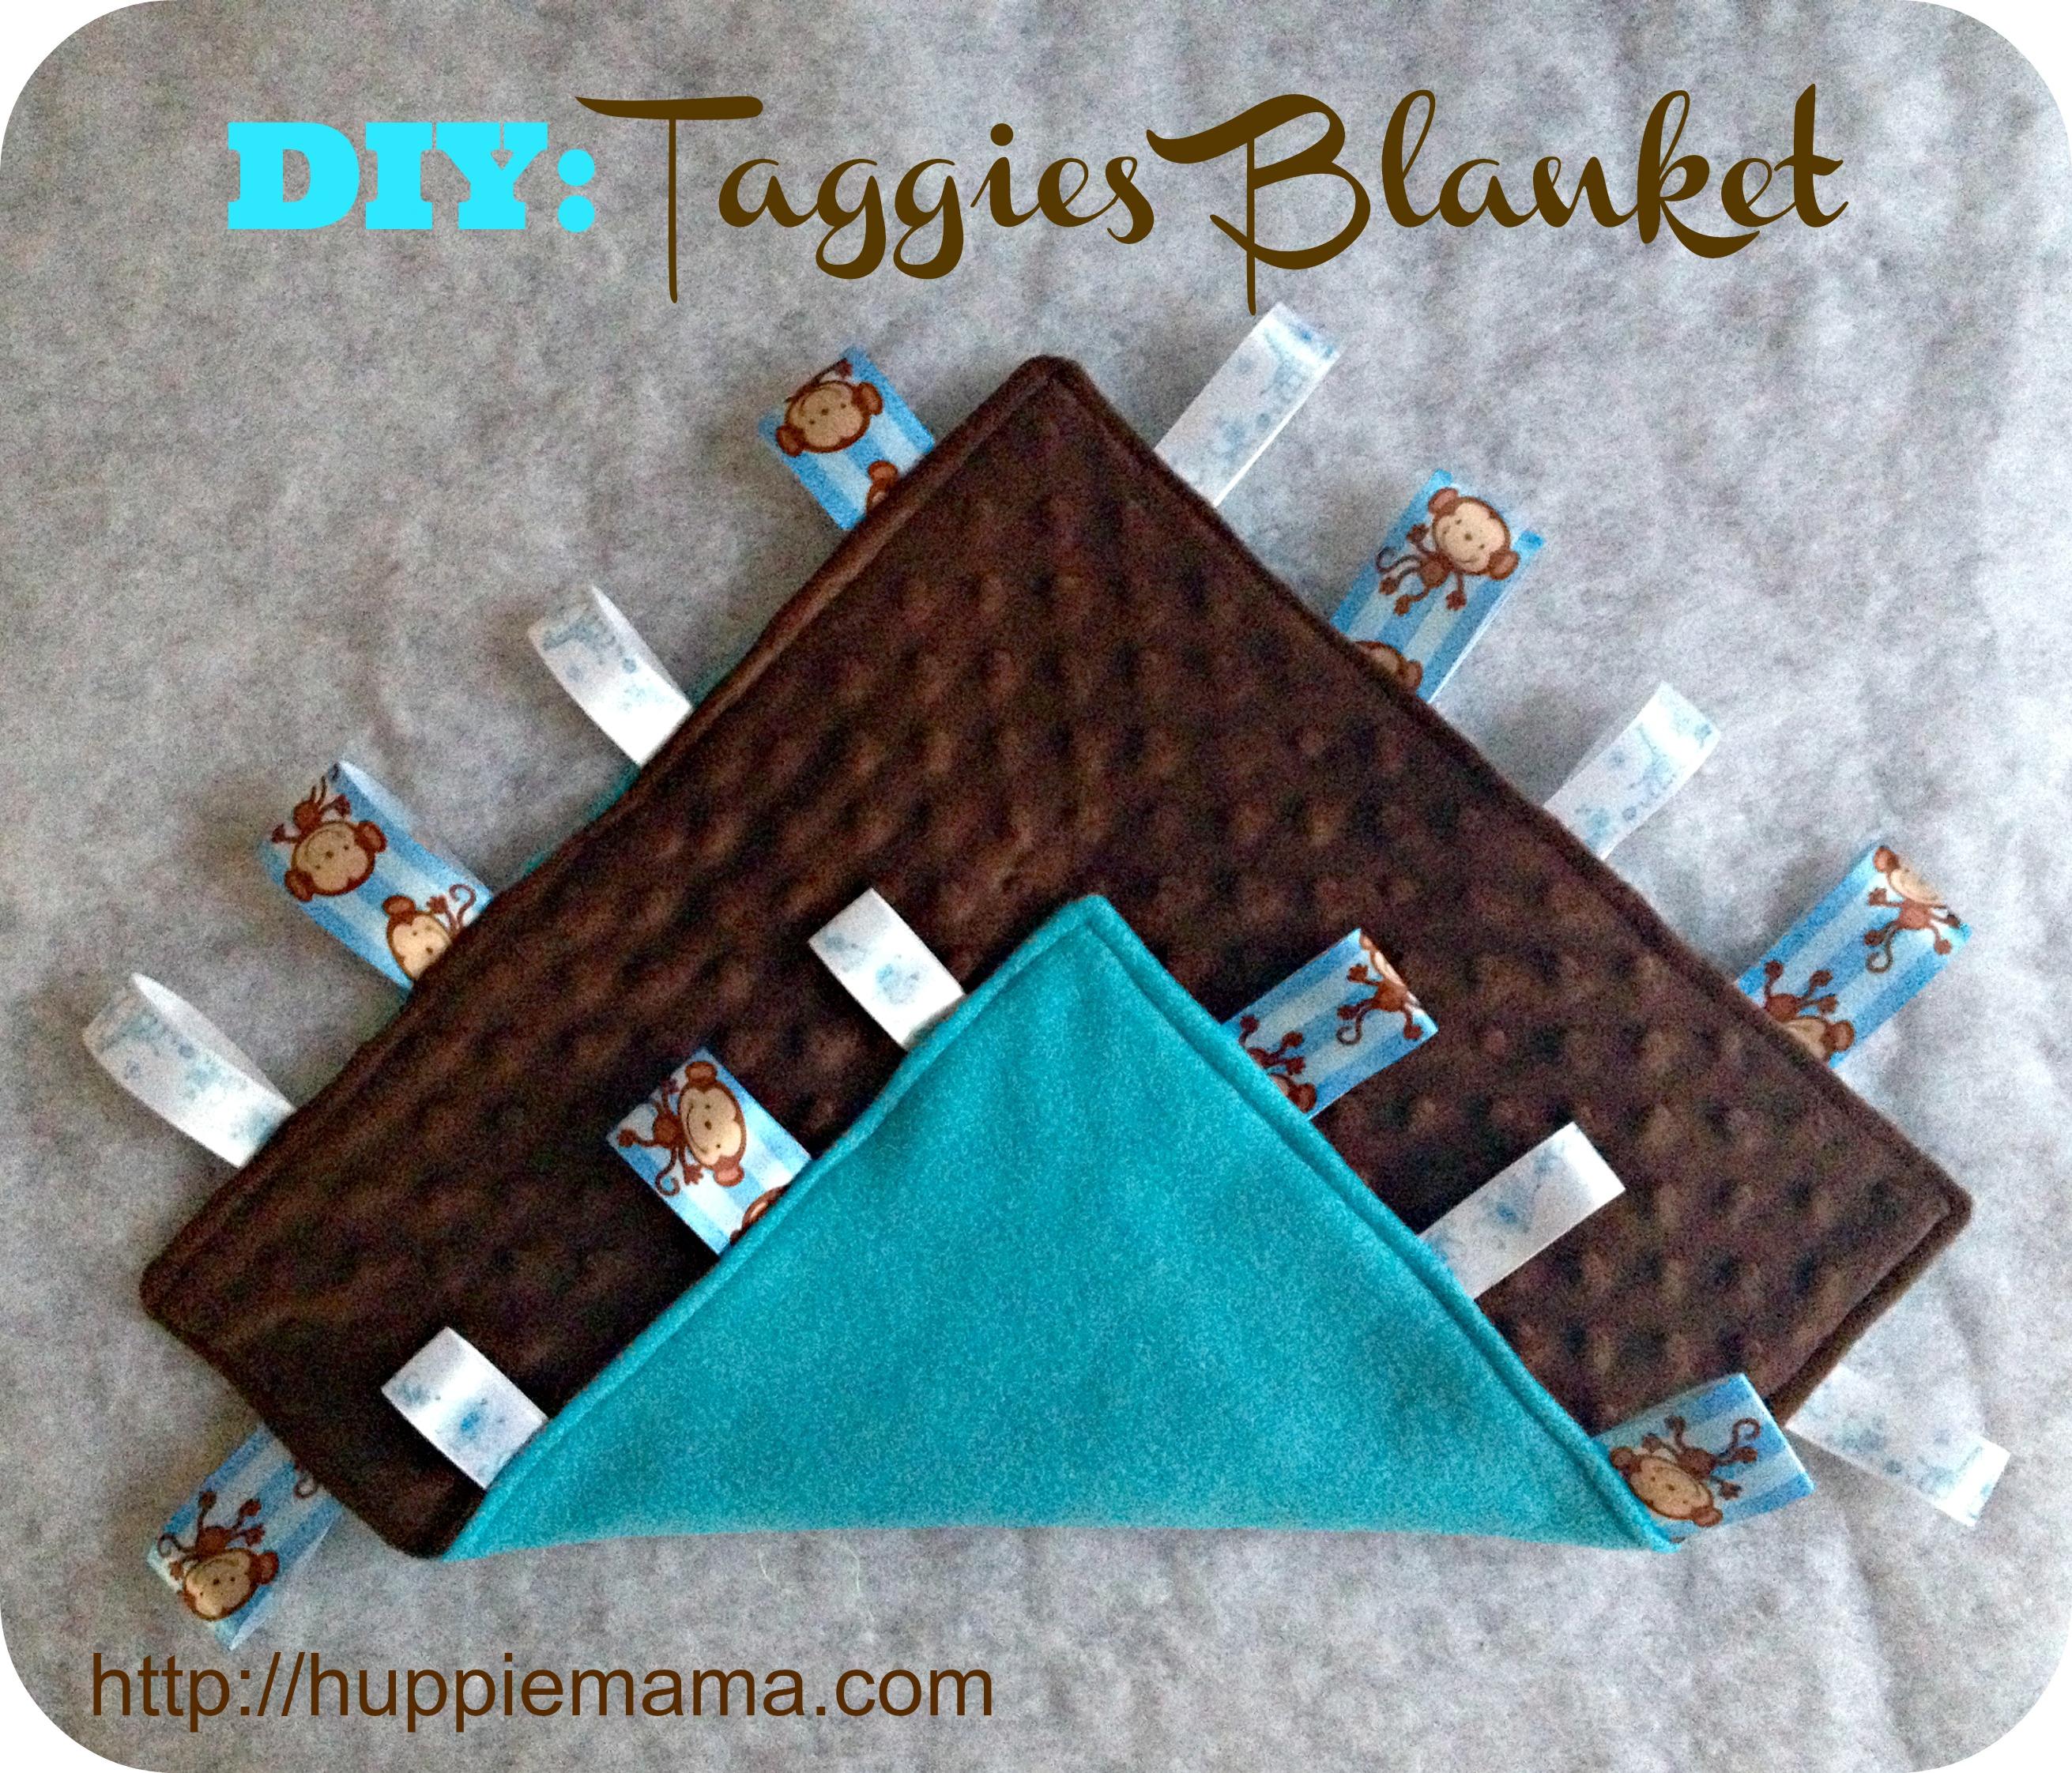 Taggies Blanket Sewing Tutorial